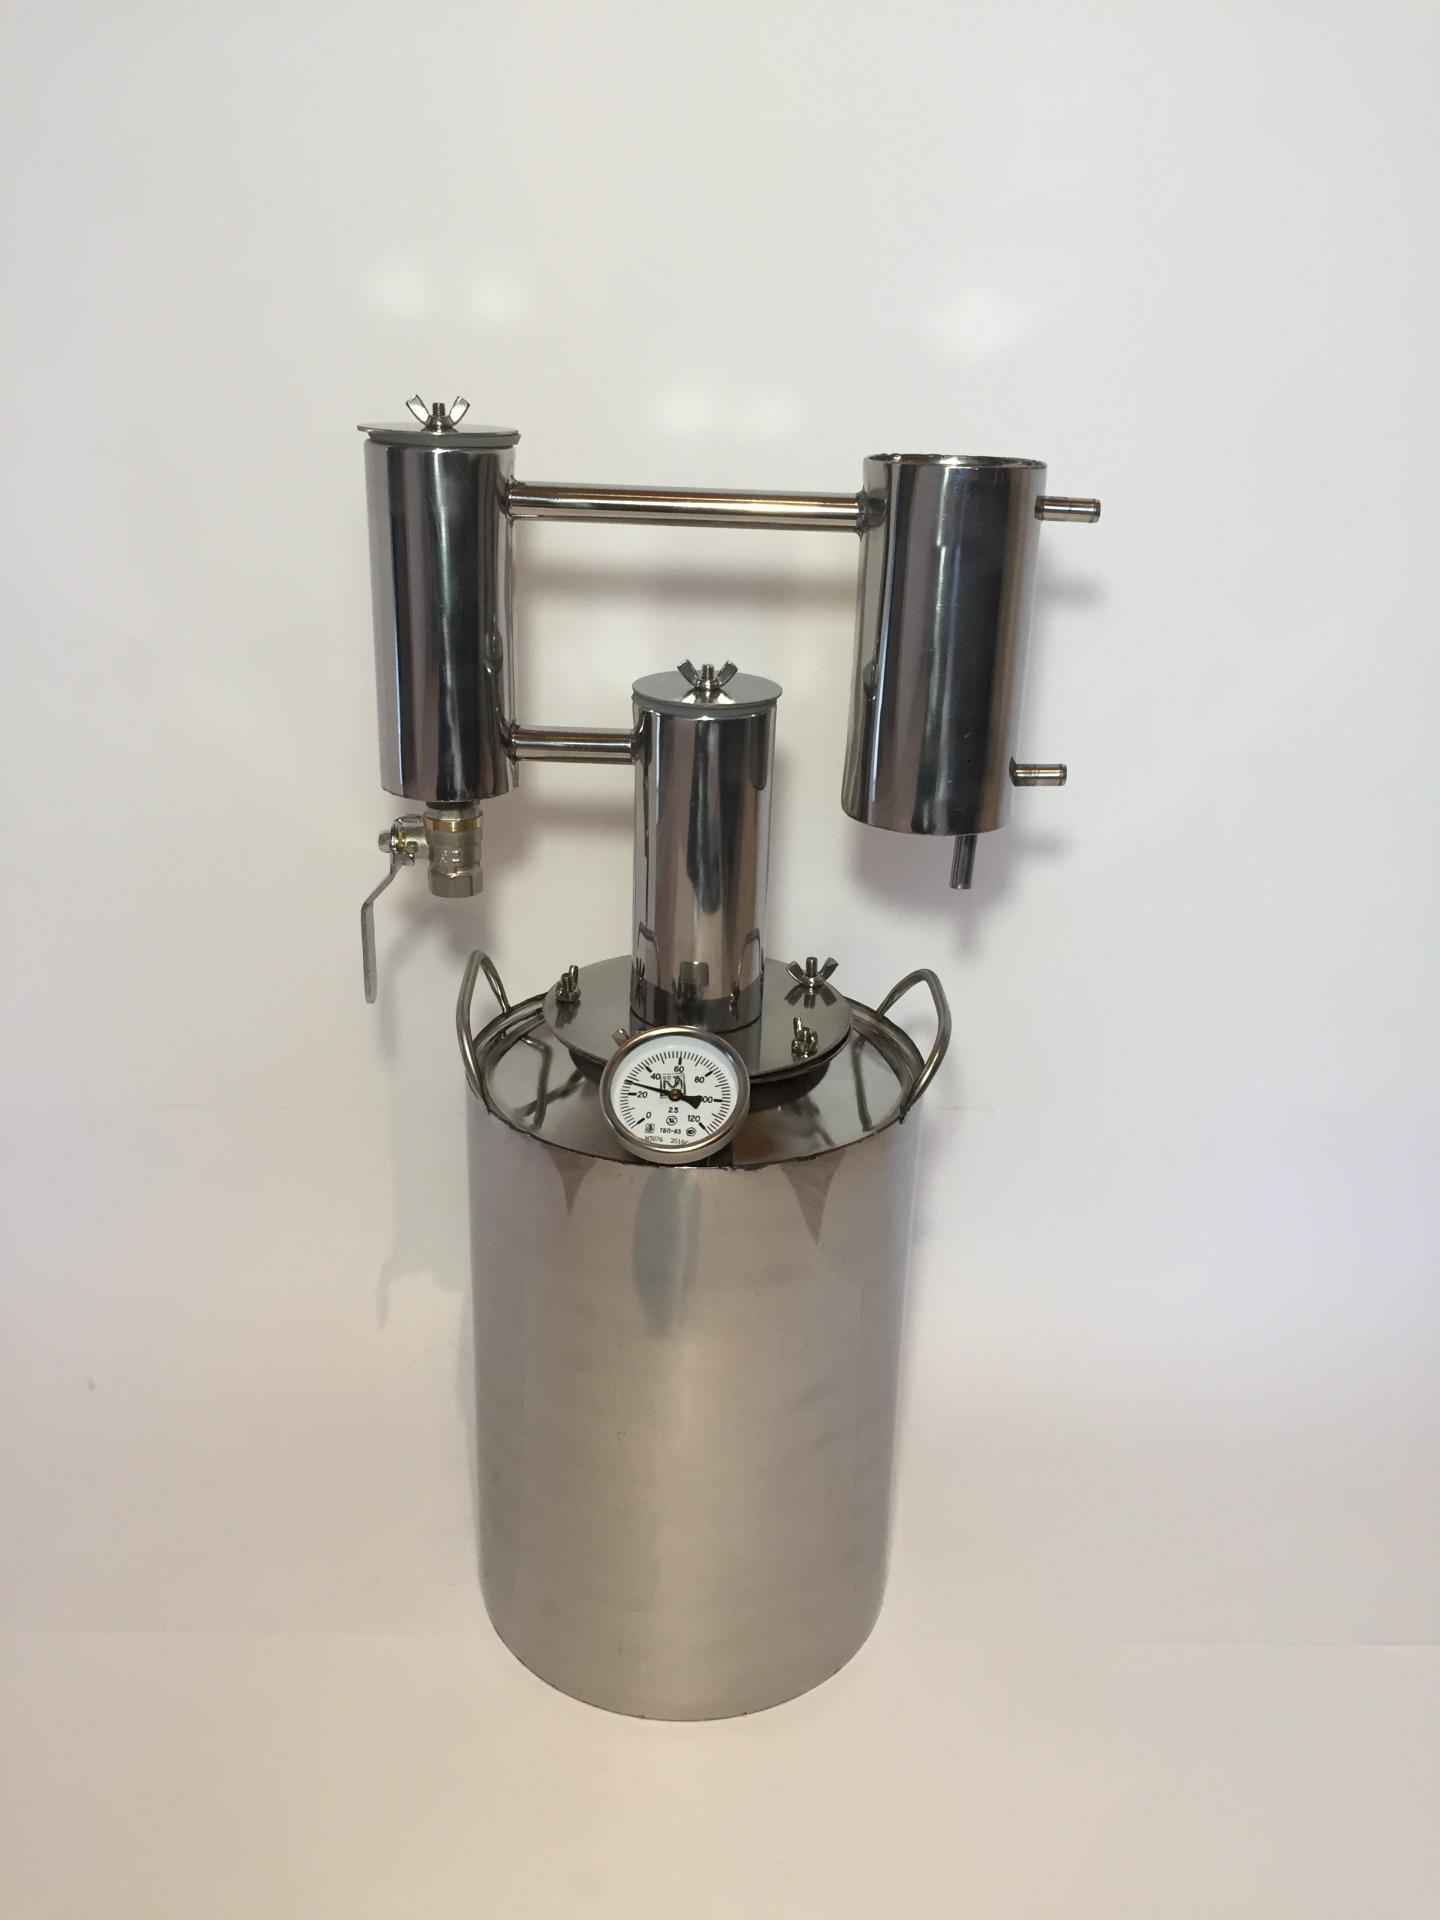 Купить самогонный аппарат профи эксклюзив получение дистиллированной воды самогонным аппаратом